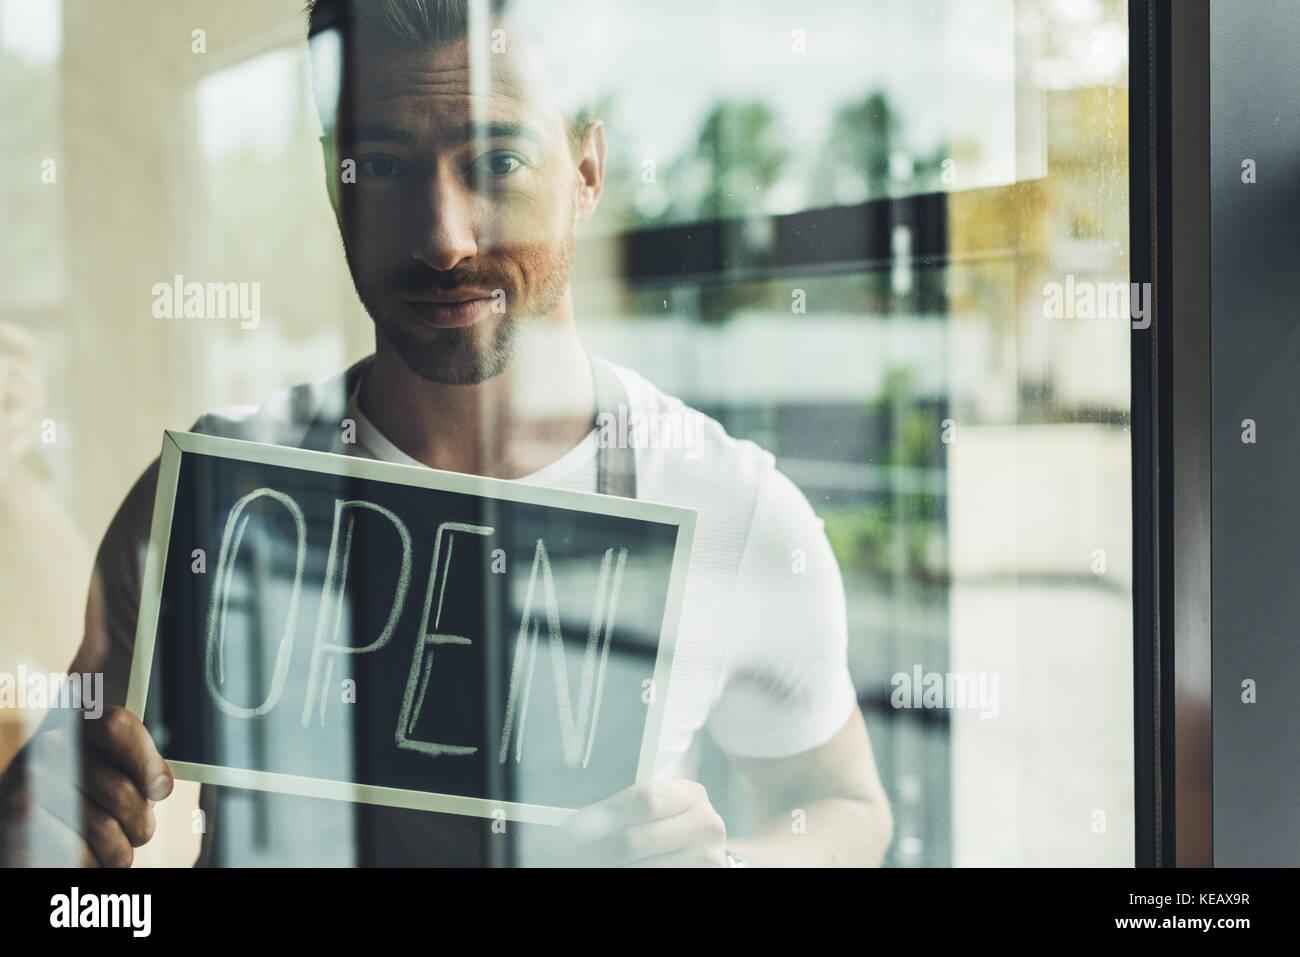 Cameriere azienda lavagna con aprire Word Immagini Stock